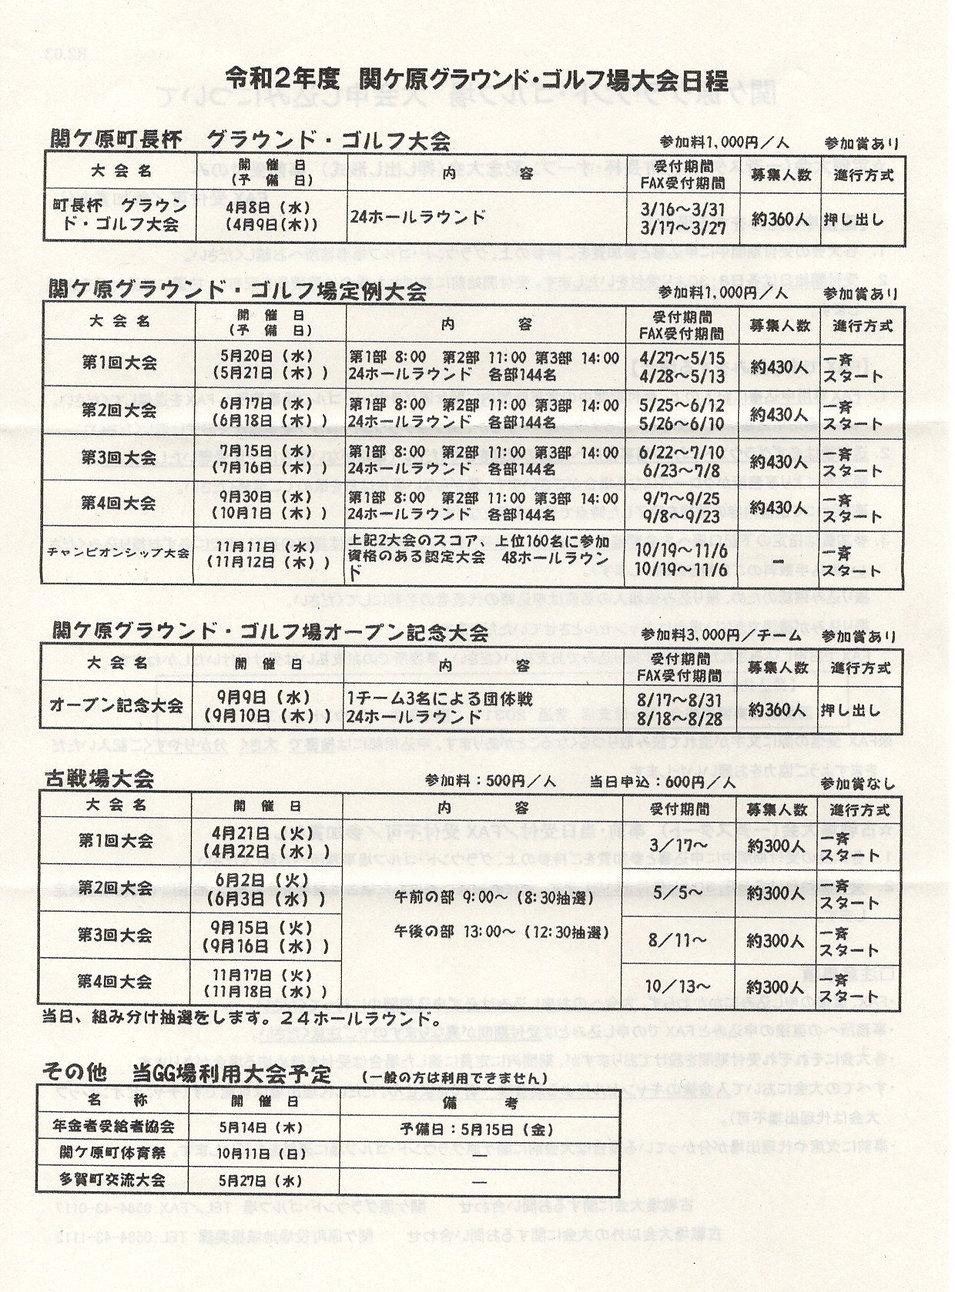 令和2年度関ヶ原GG場行事計画表20200202.jpg